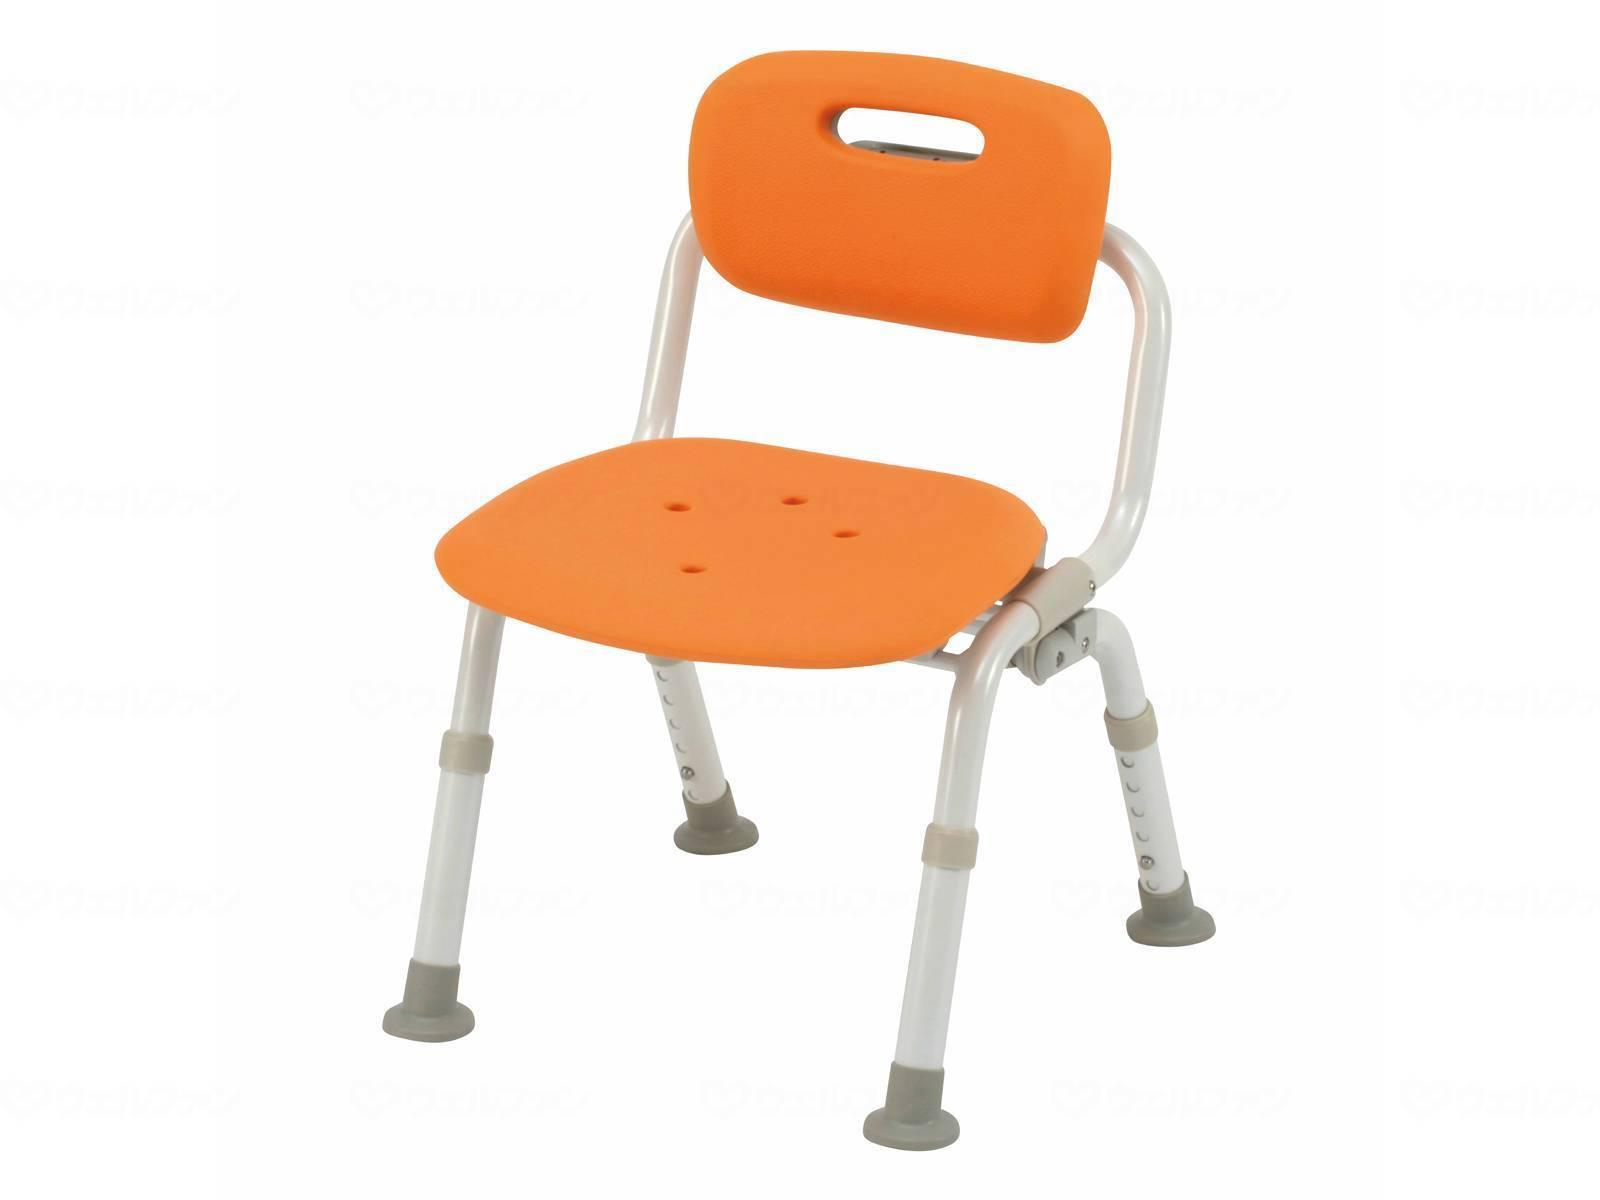 パナソニックエイジフリーシャワーチェア ユクリアコンパクト おりたたみNPN-L40721D(オレンジ)・PN-L40721A(ブルー)・PN-L40721BR(モカブラウン)[介護 ケア サポート 介護用品 通販 風呂 椅子 いす]